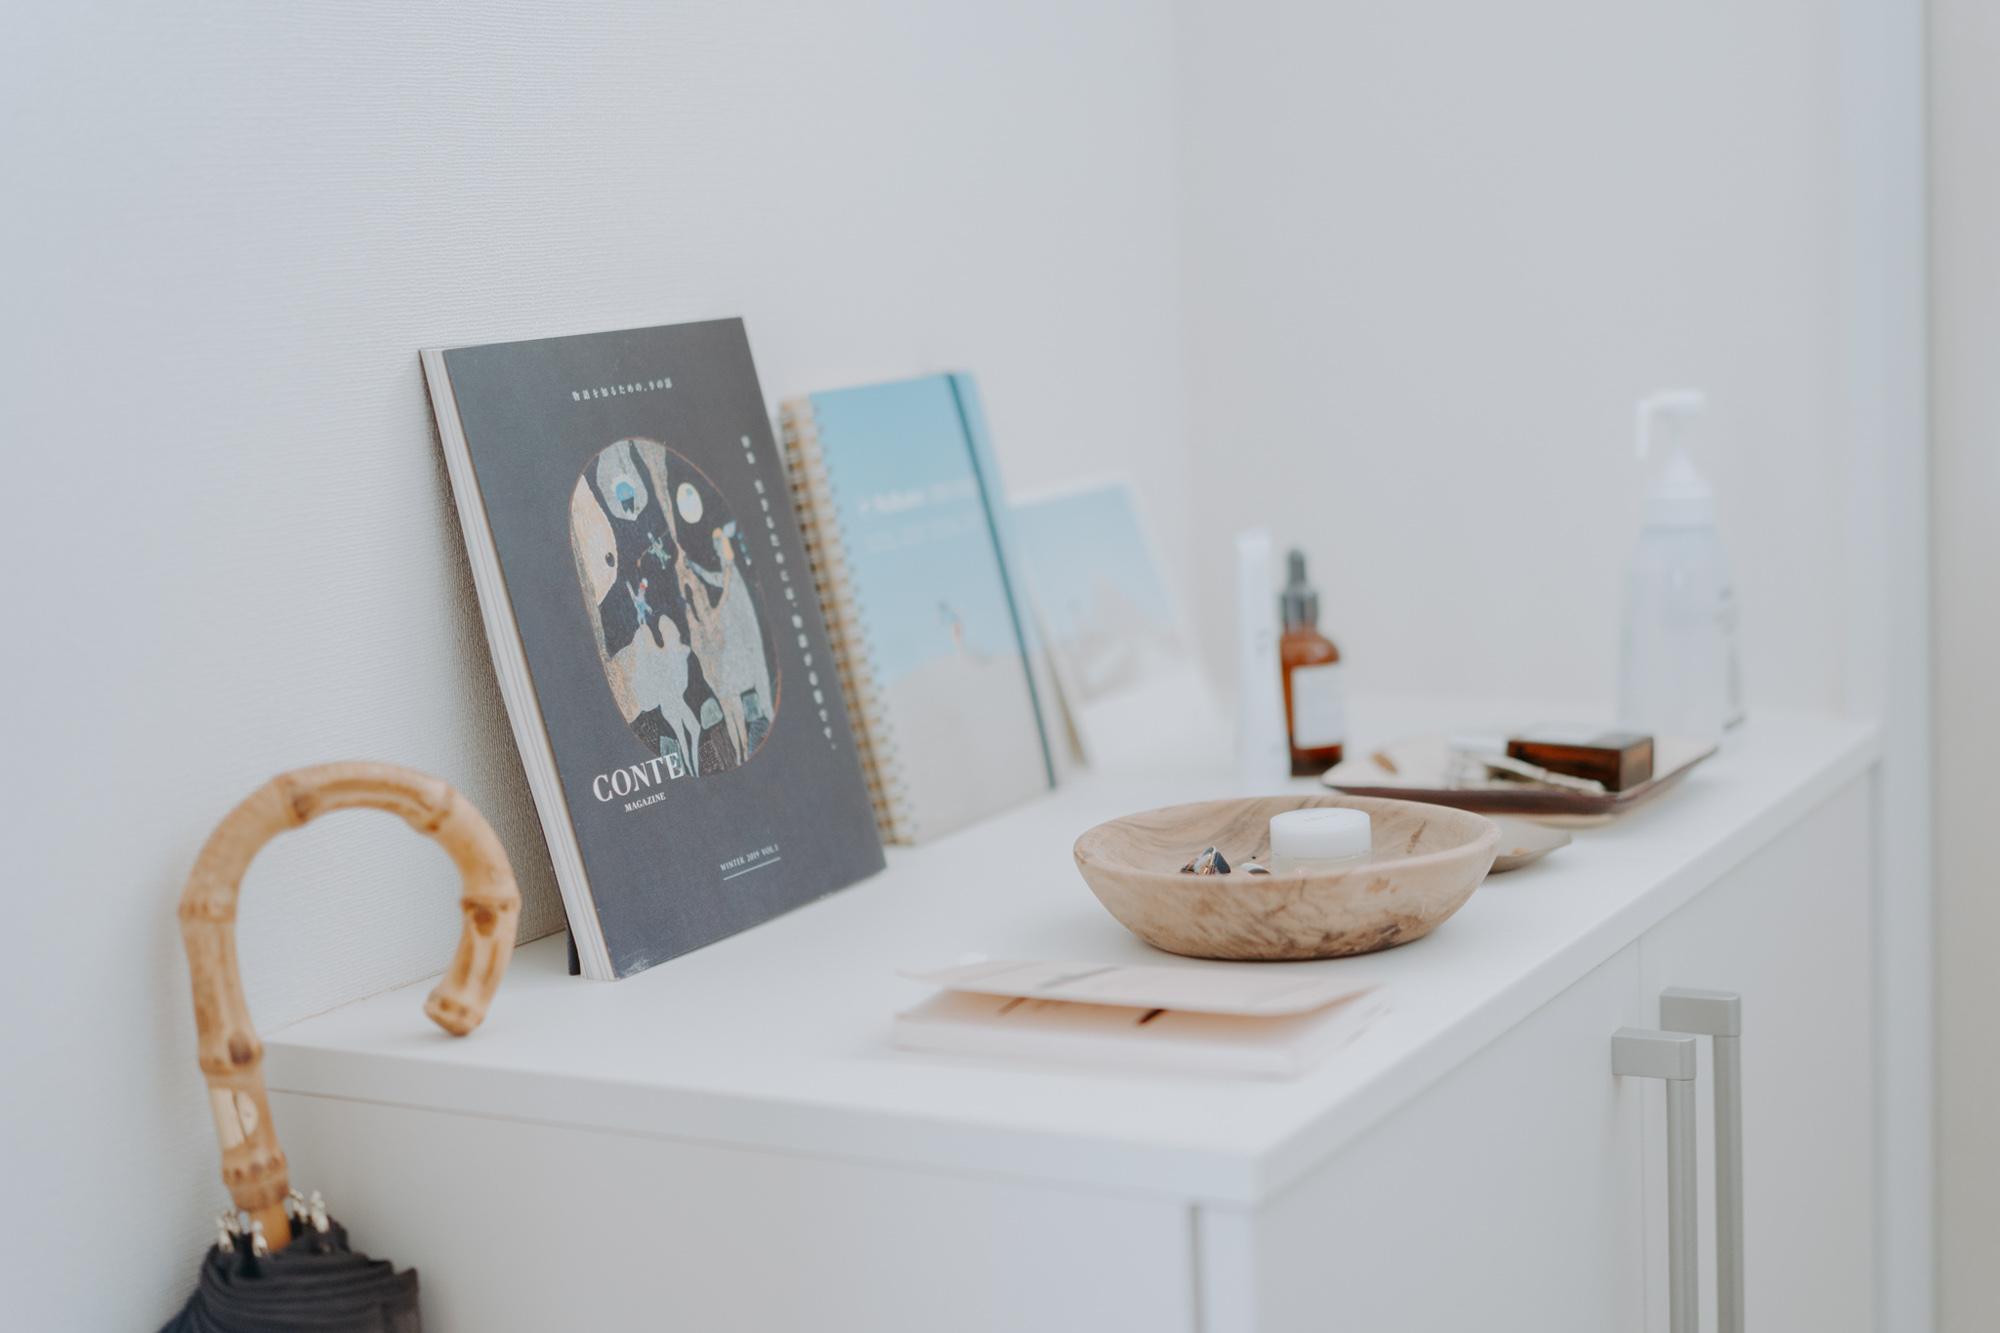 素敵な装丁の本やノートは、玄関にも飾られていました。